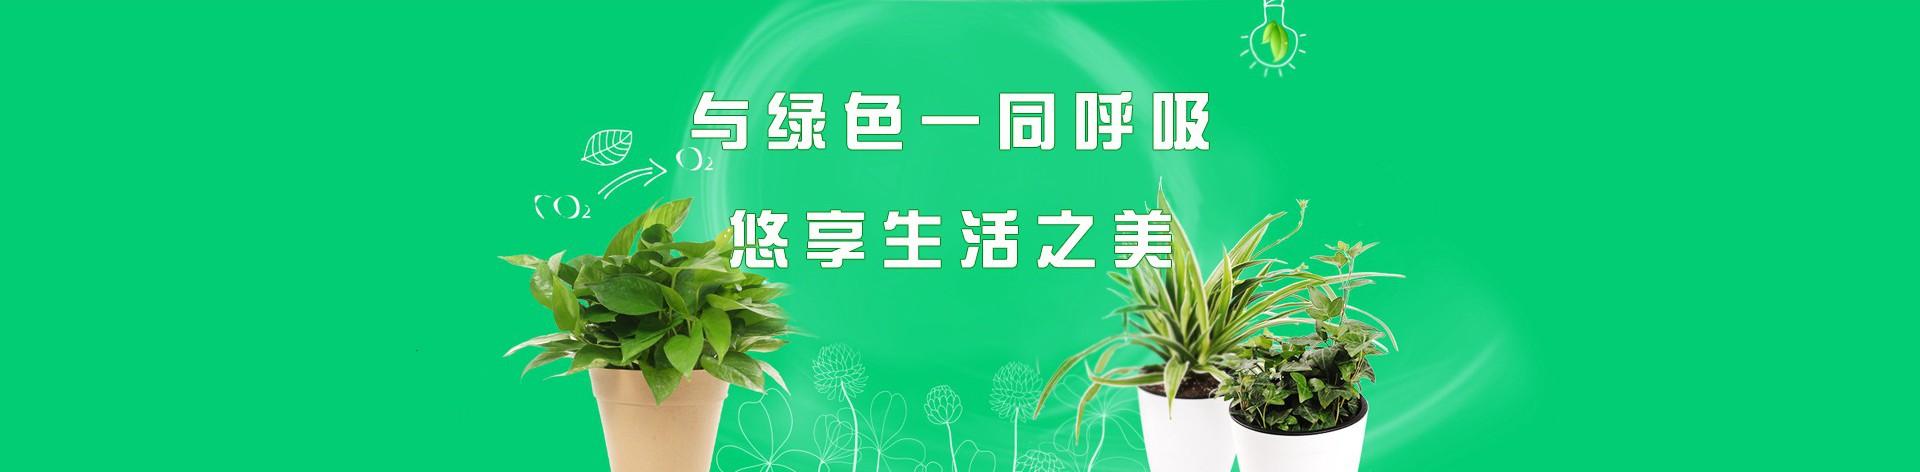 湖南花语茶香工作室